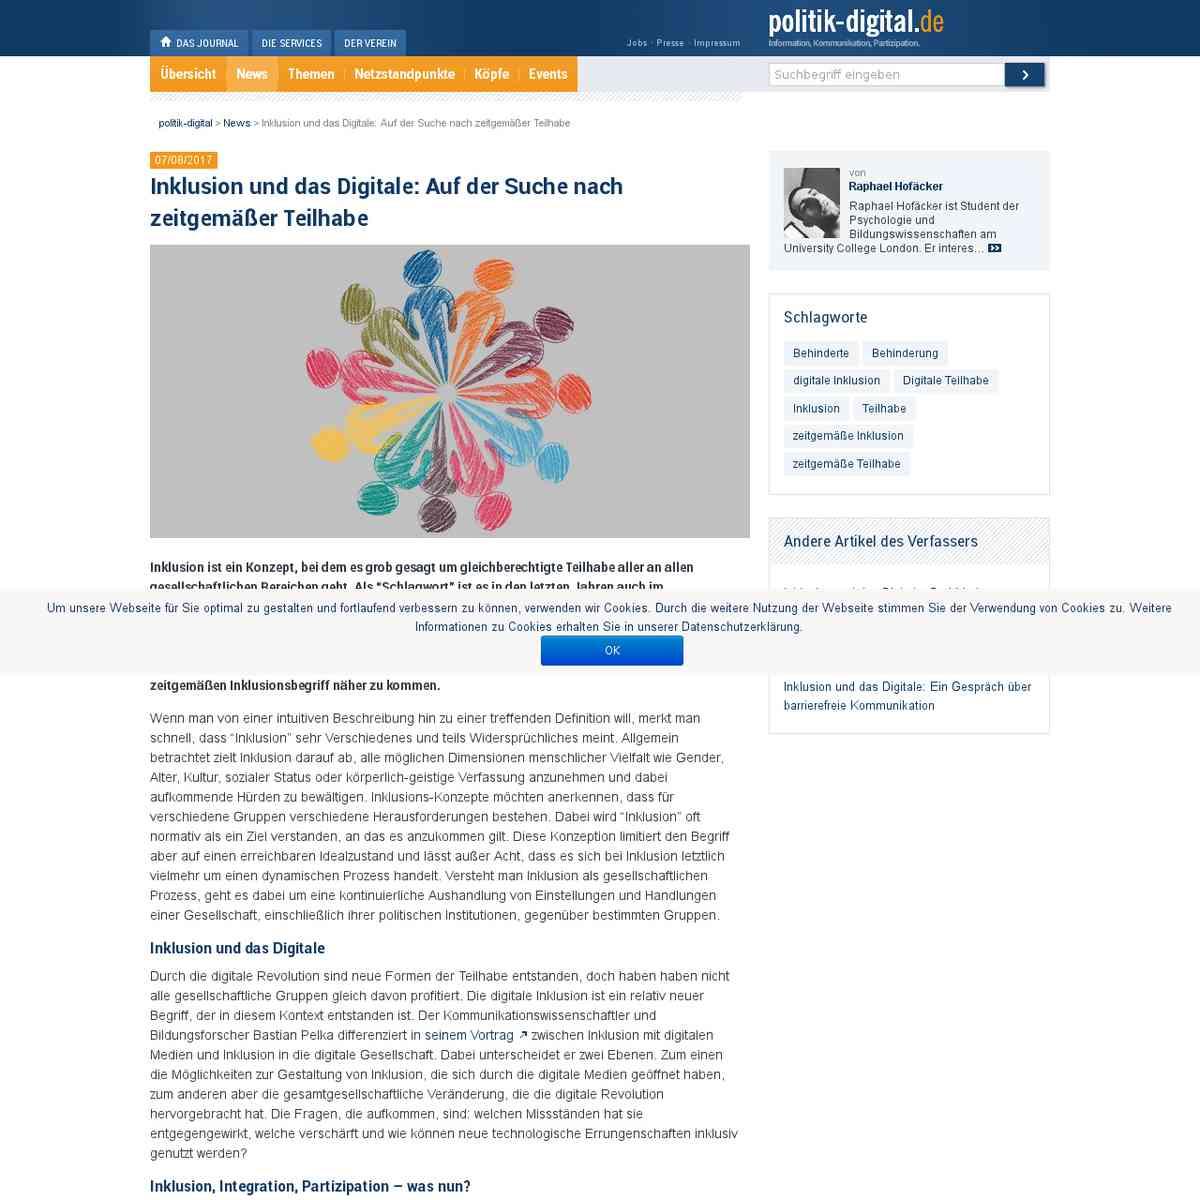 Inklusion und das Digitale: Auf der Suche nach zeitgemäßer Teilhabe | politik-digital